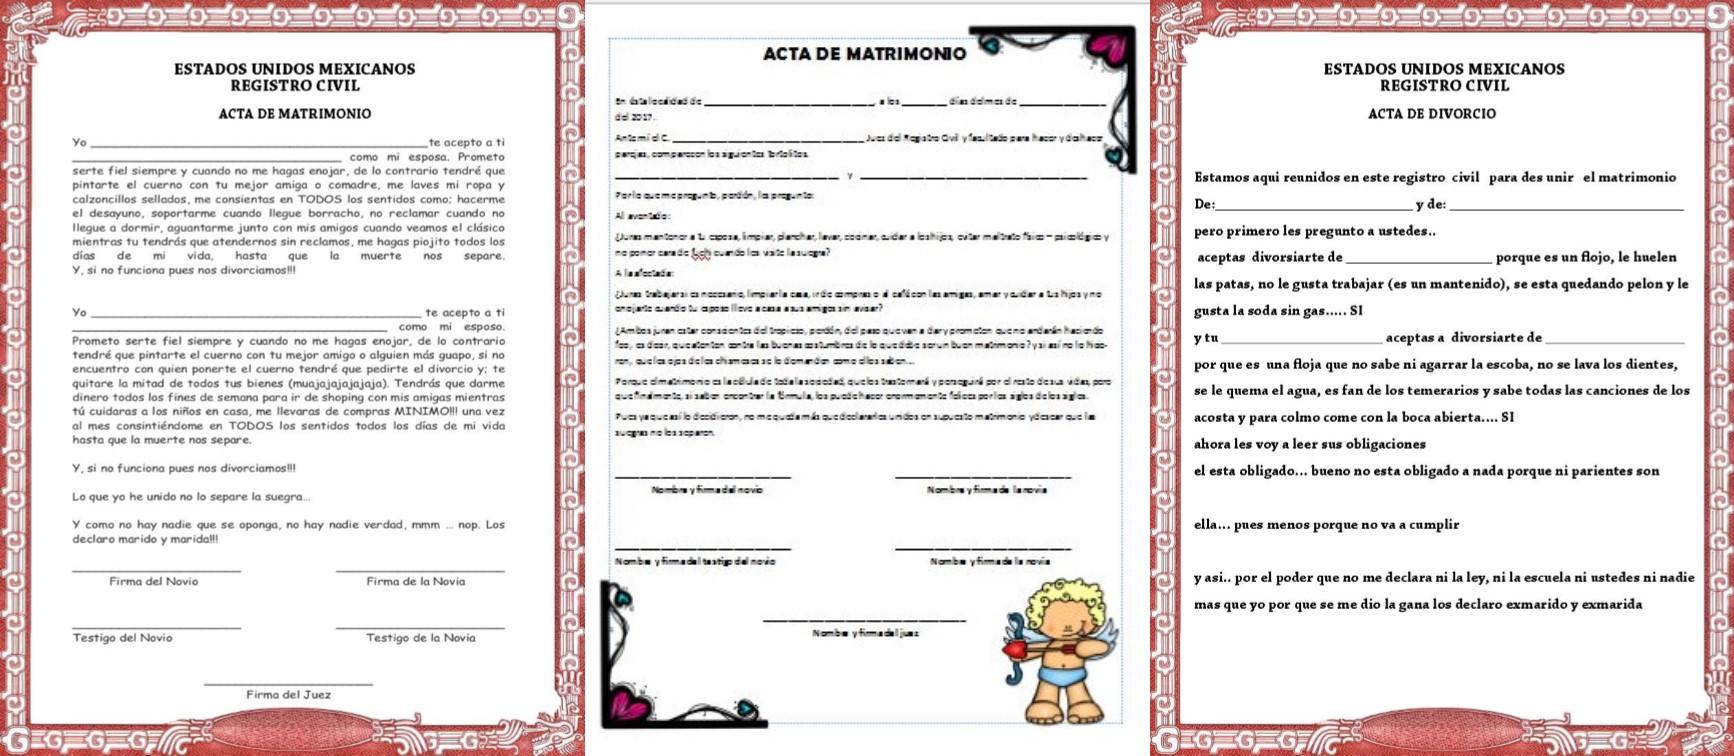 Matrimonio Y Divorcio : Acta de matrimonio y divorcio para la kermes o festival